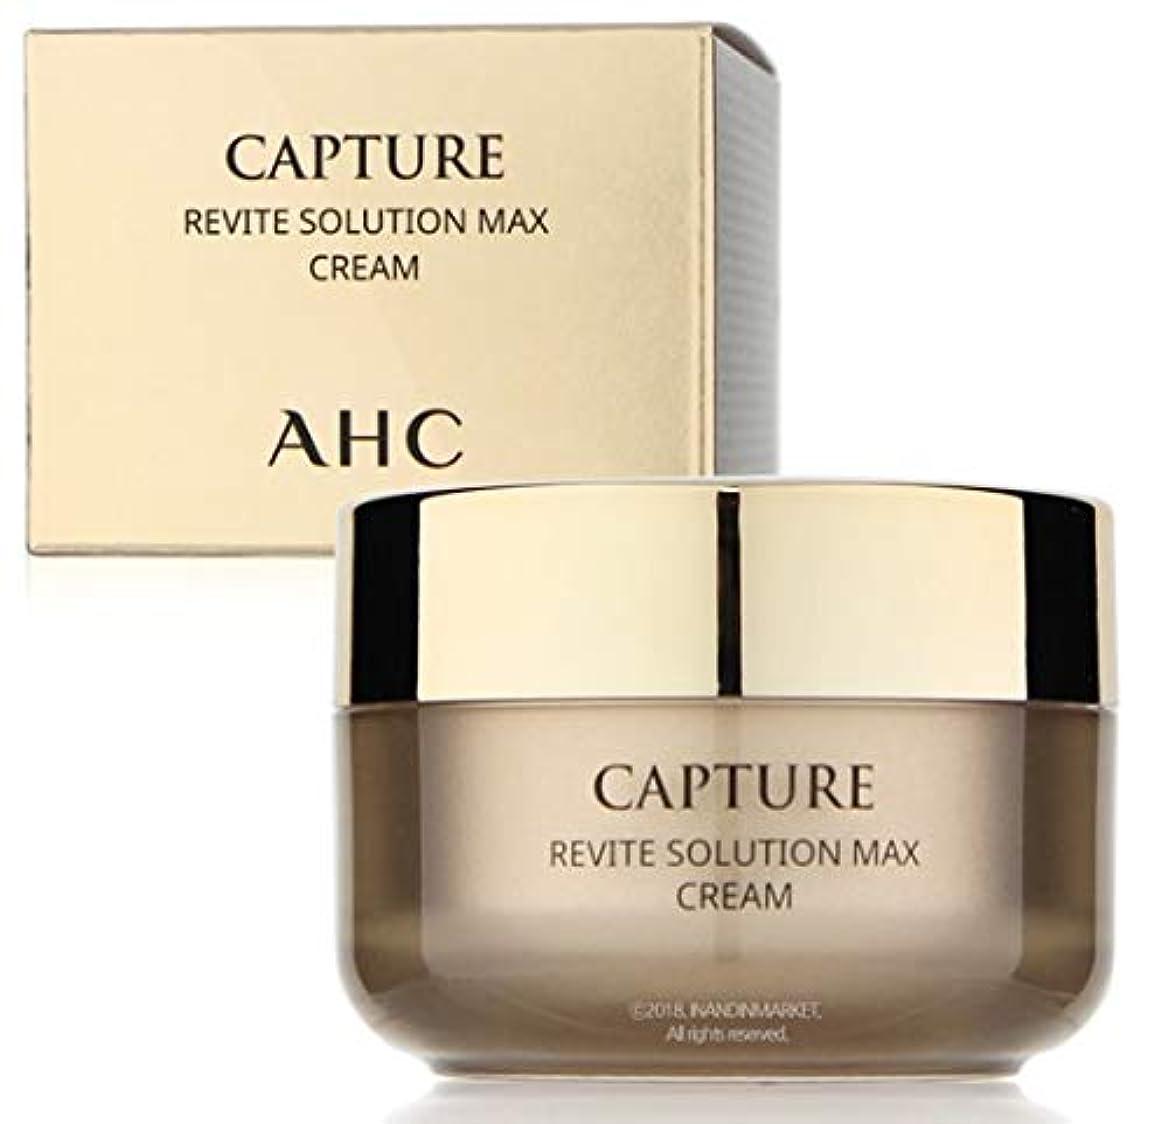 救出一緒値下げAHC Capture Revite Solution Max Cream/キャプチャー リバイト ソリューション マックス クリーム 50ml [並行輸入品]